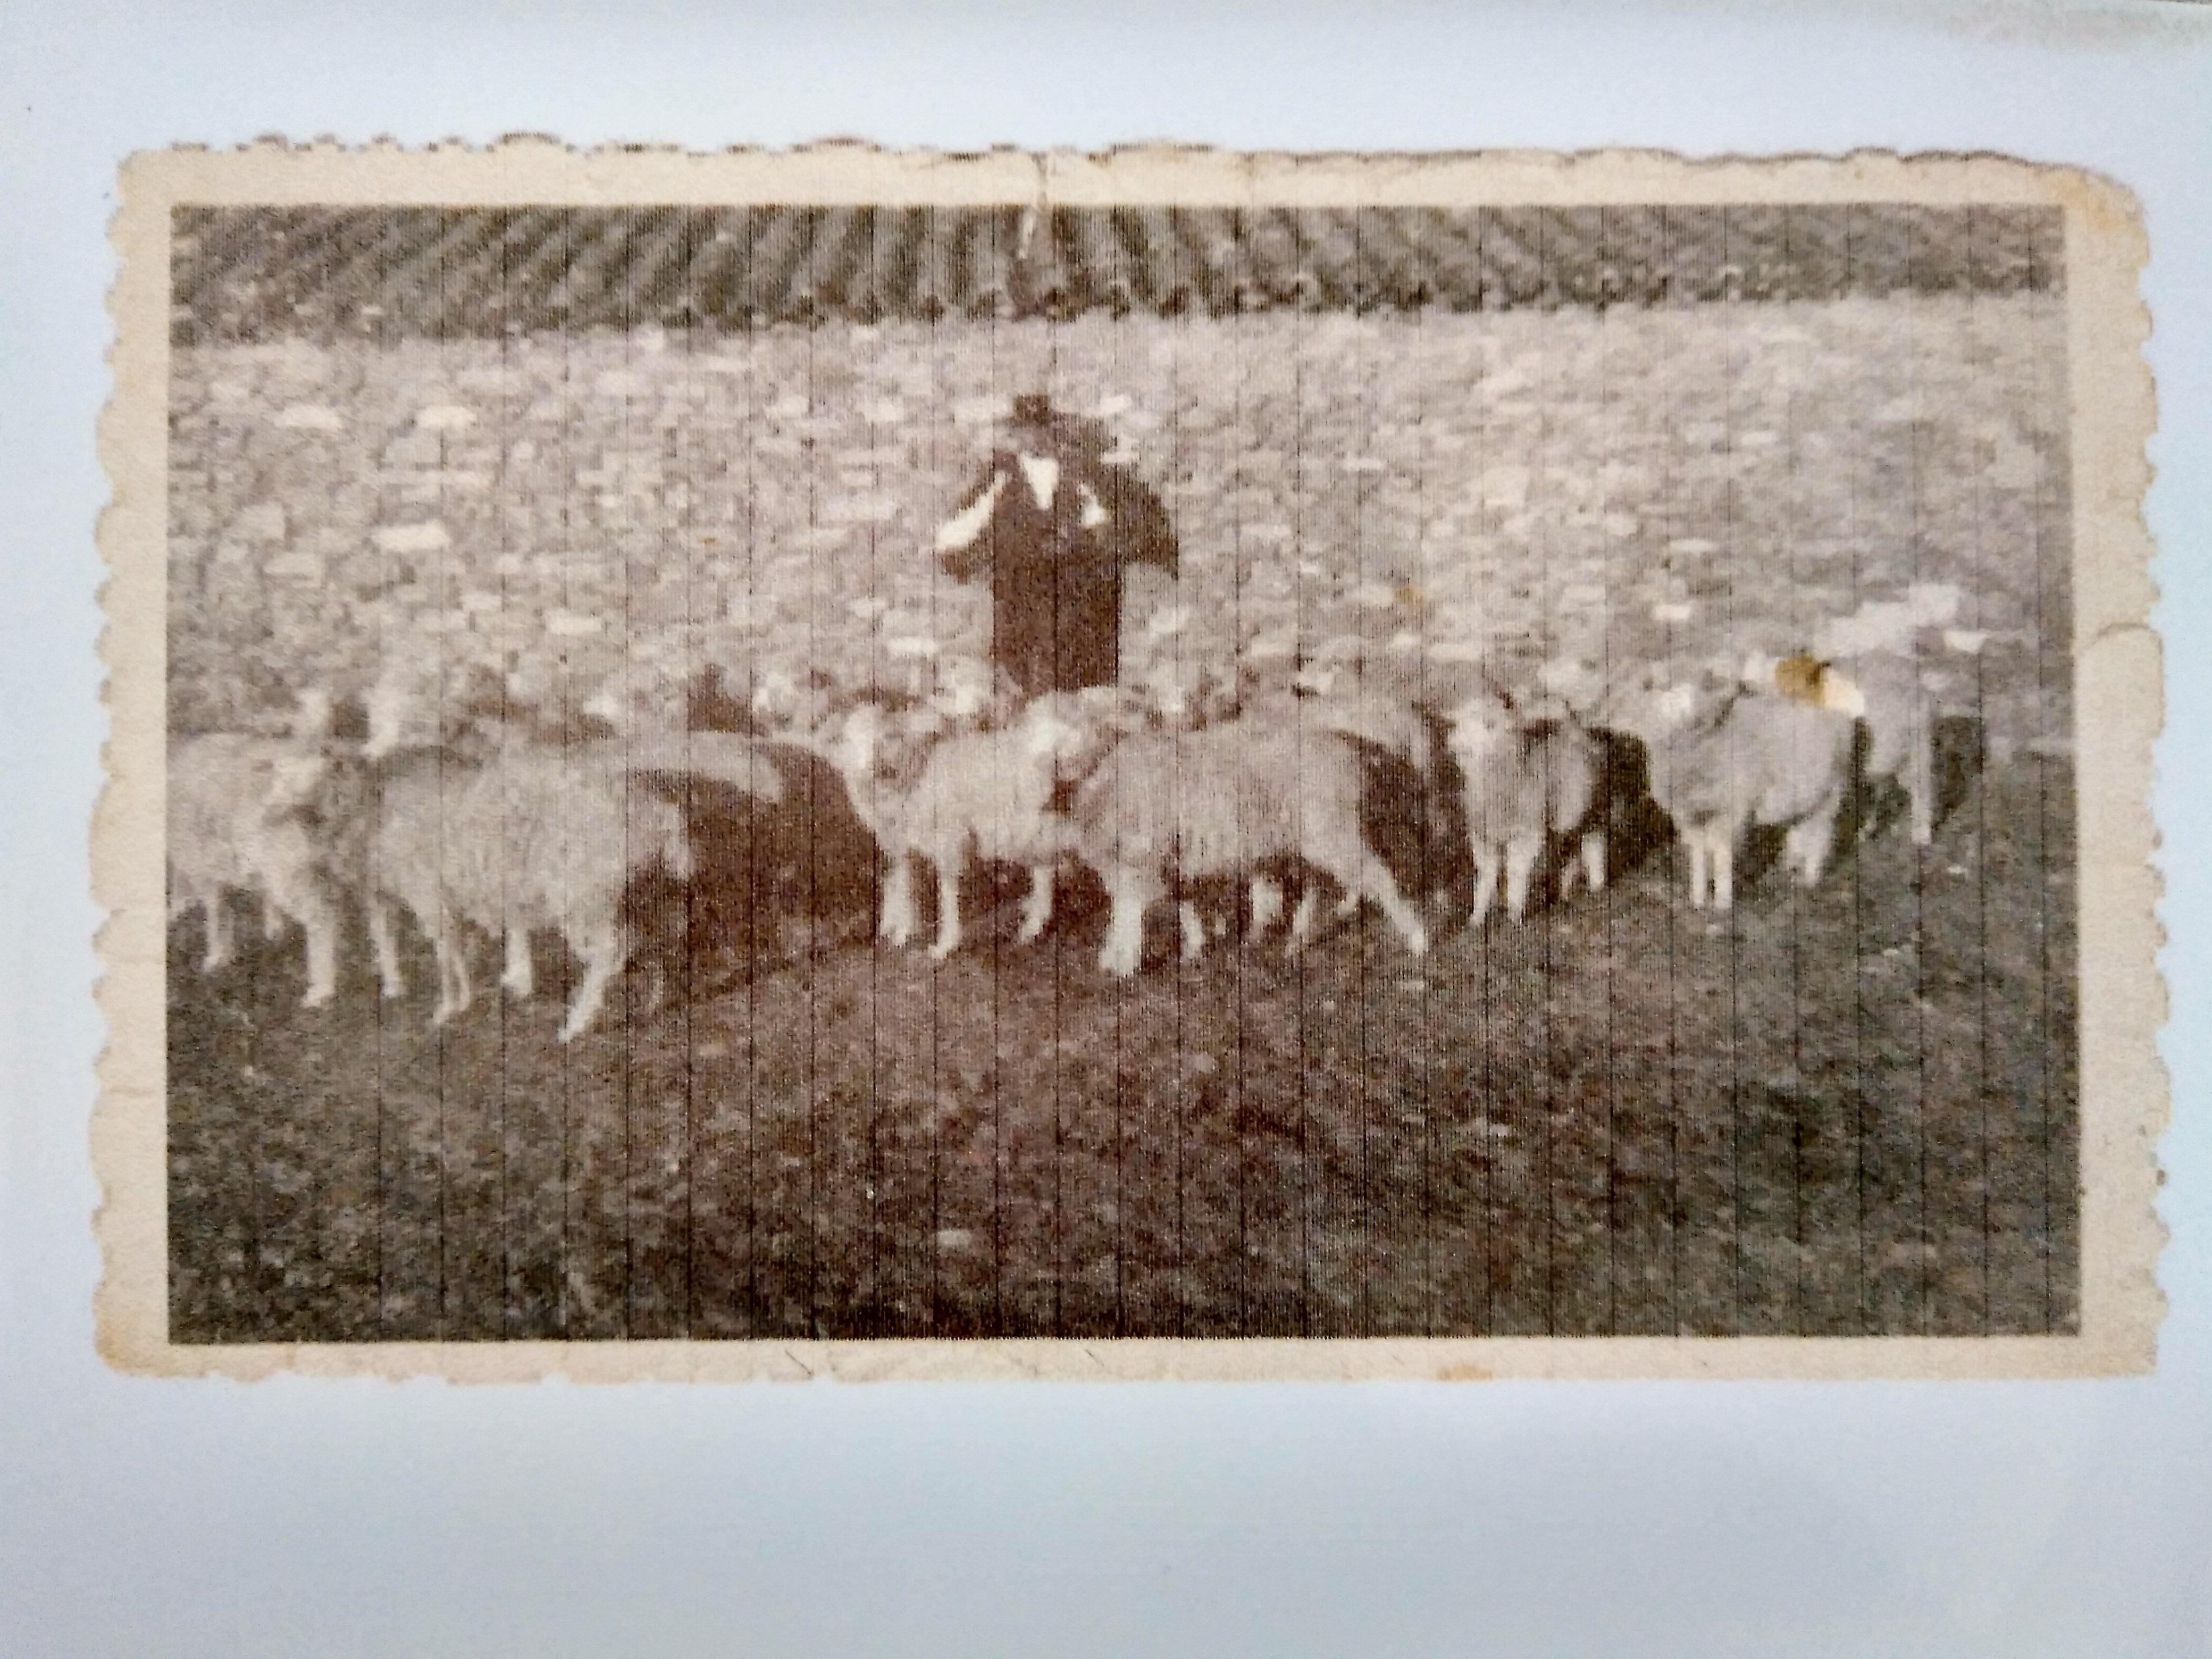 Marcelino y sus ovejas